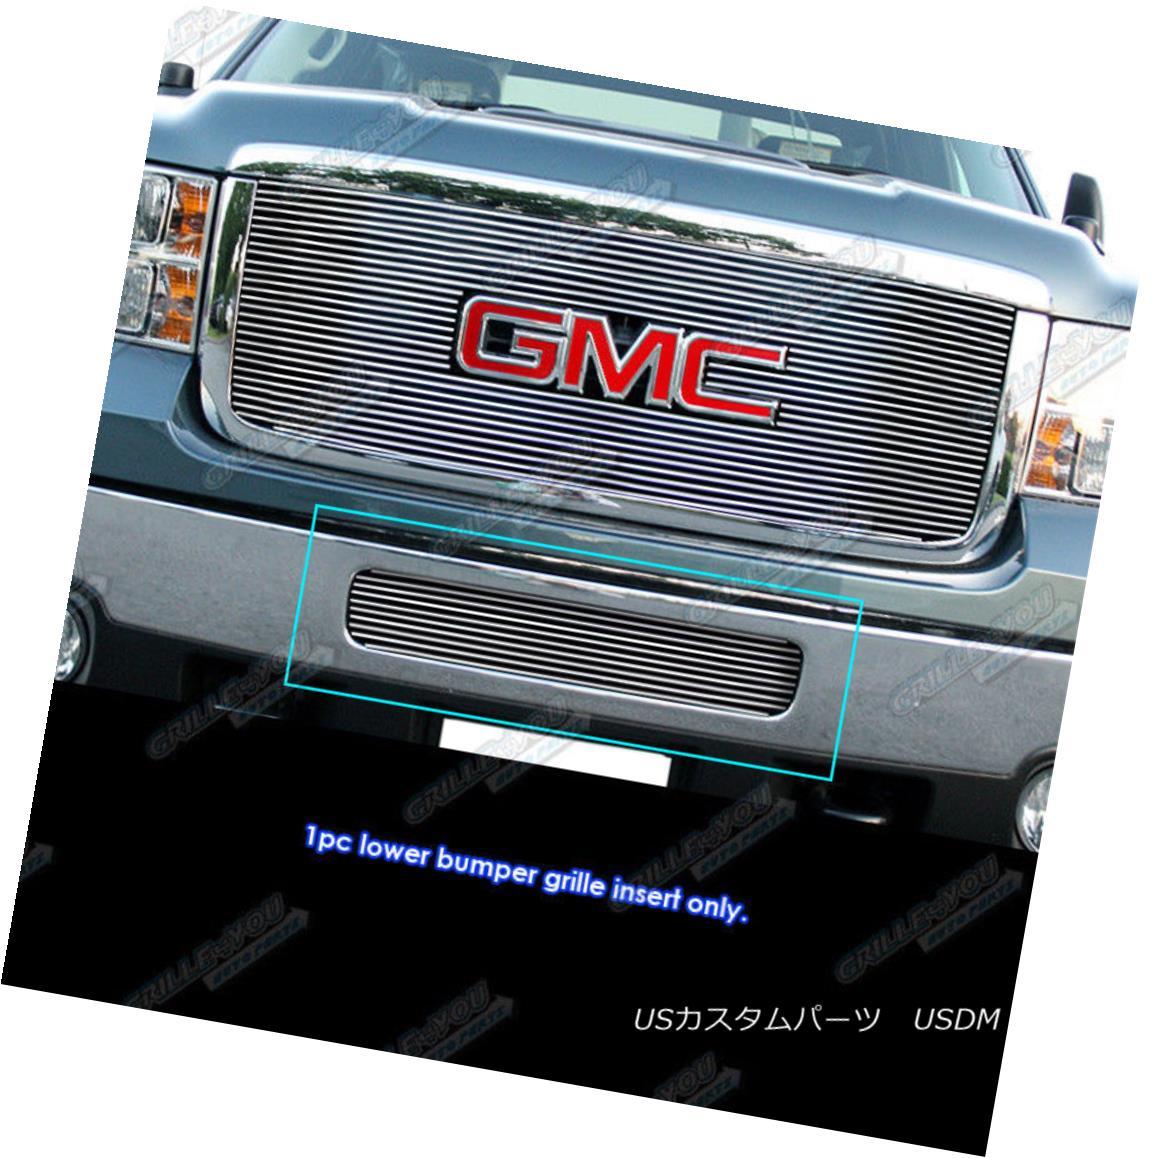 グリル Fits 2011-2014 GMC Sierra 2500HD/3500HD Bumper Billet Grille Grill Insert フィット2011-2014 GMC Sierra 2500HD / 3500HDバンパービレットグリルグリルインサート